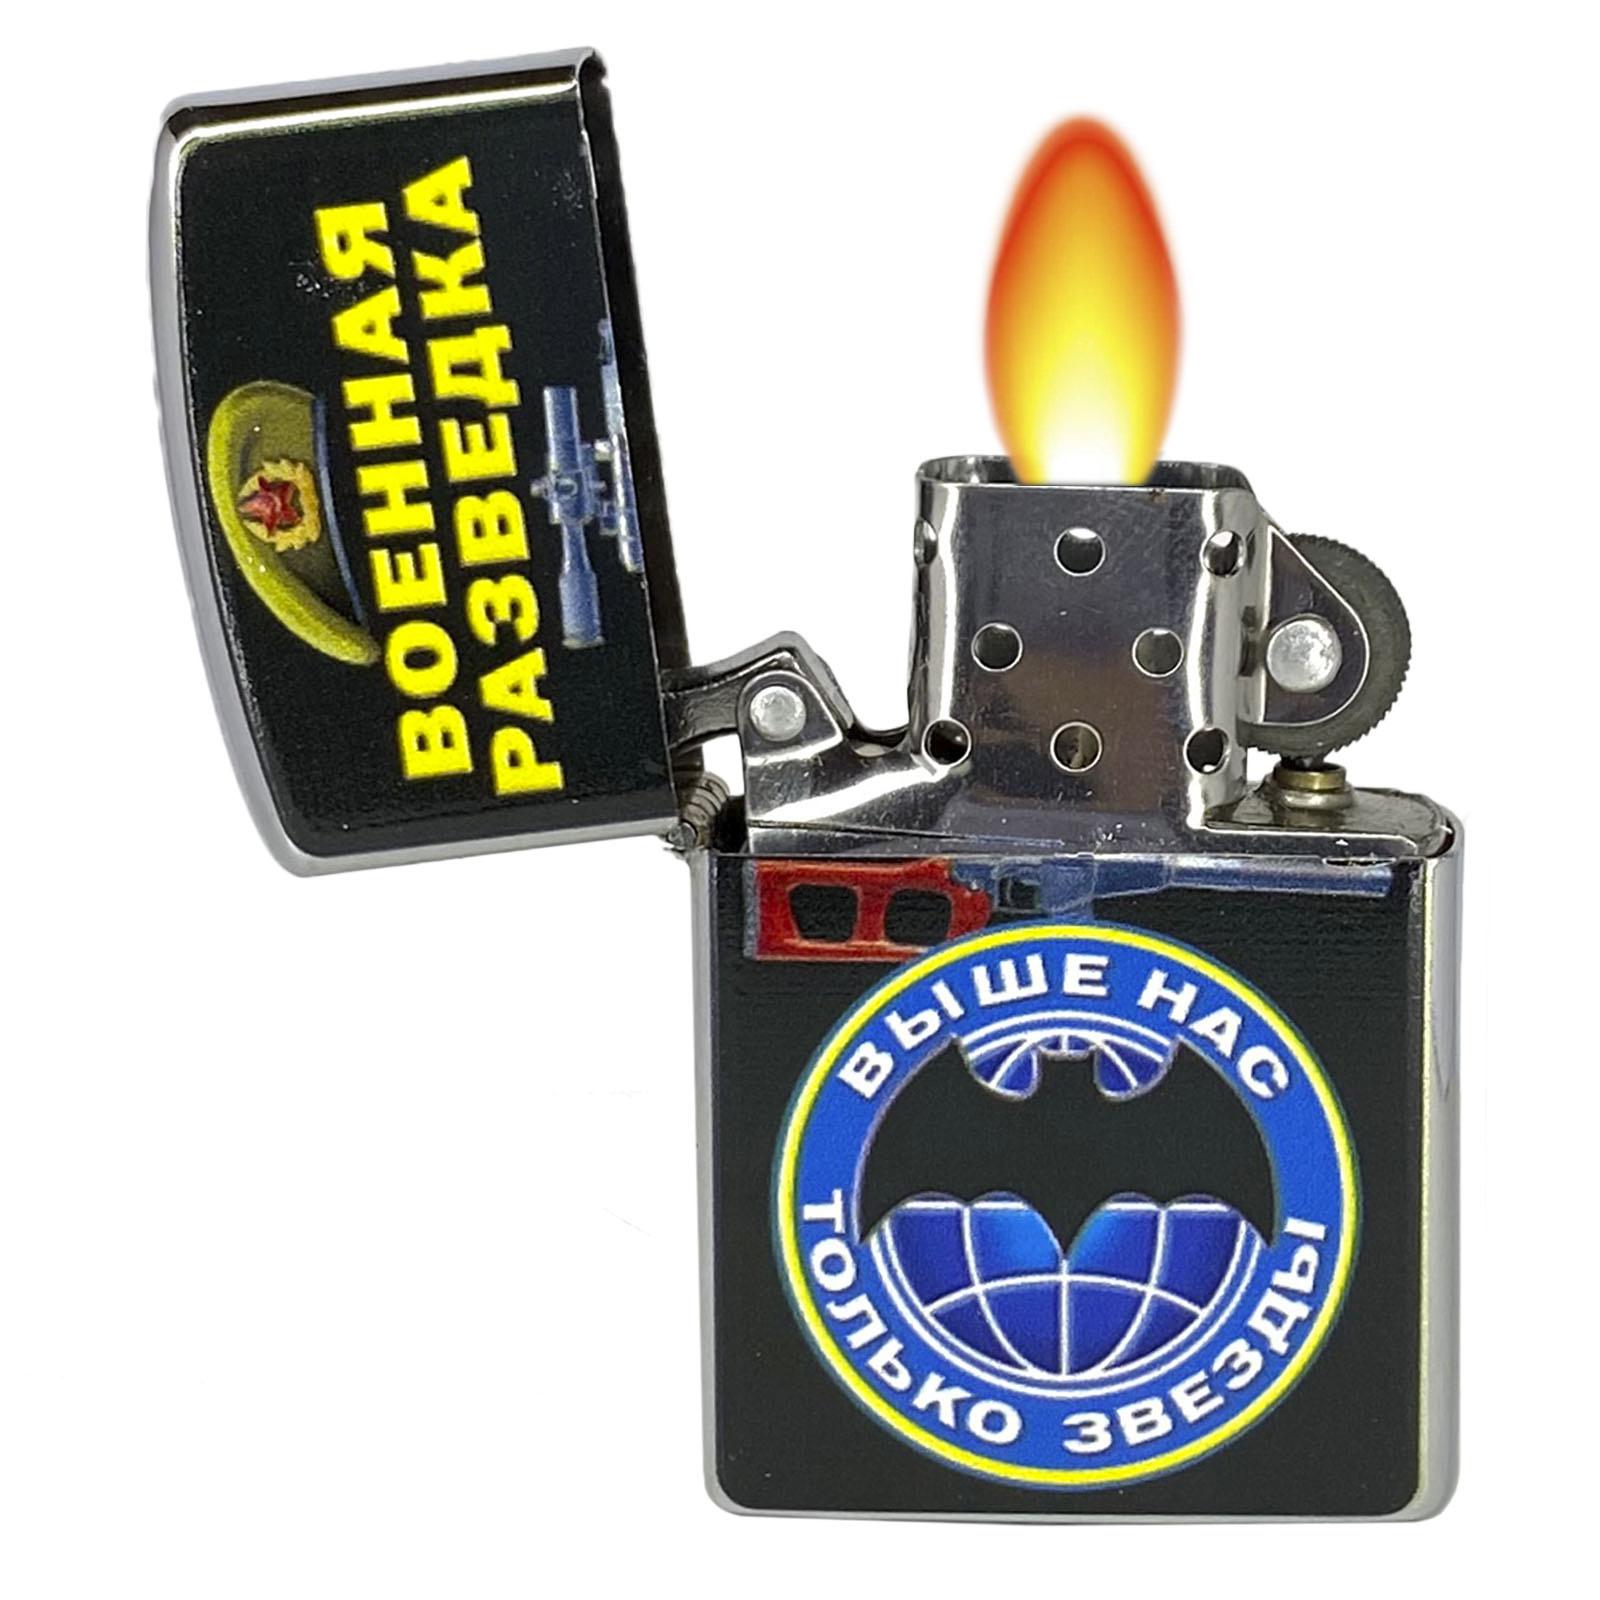 Купить бензиновую зажигалку Военная разведка